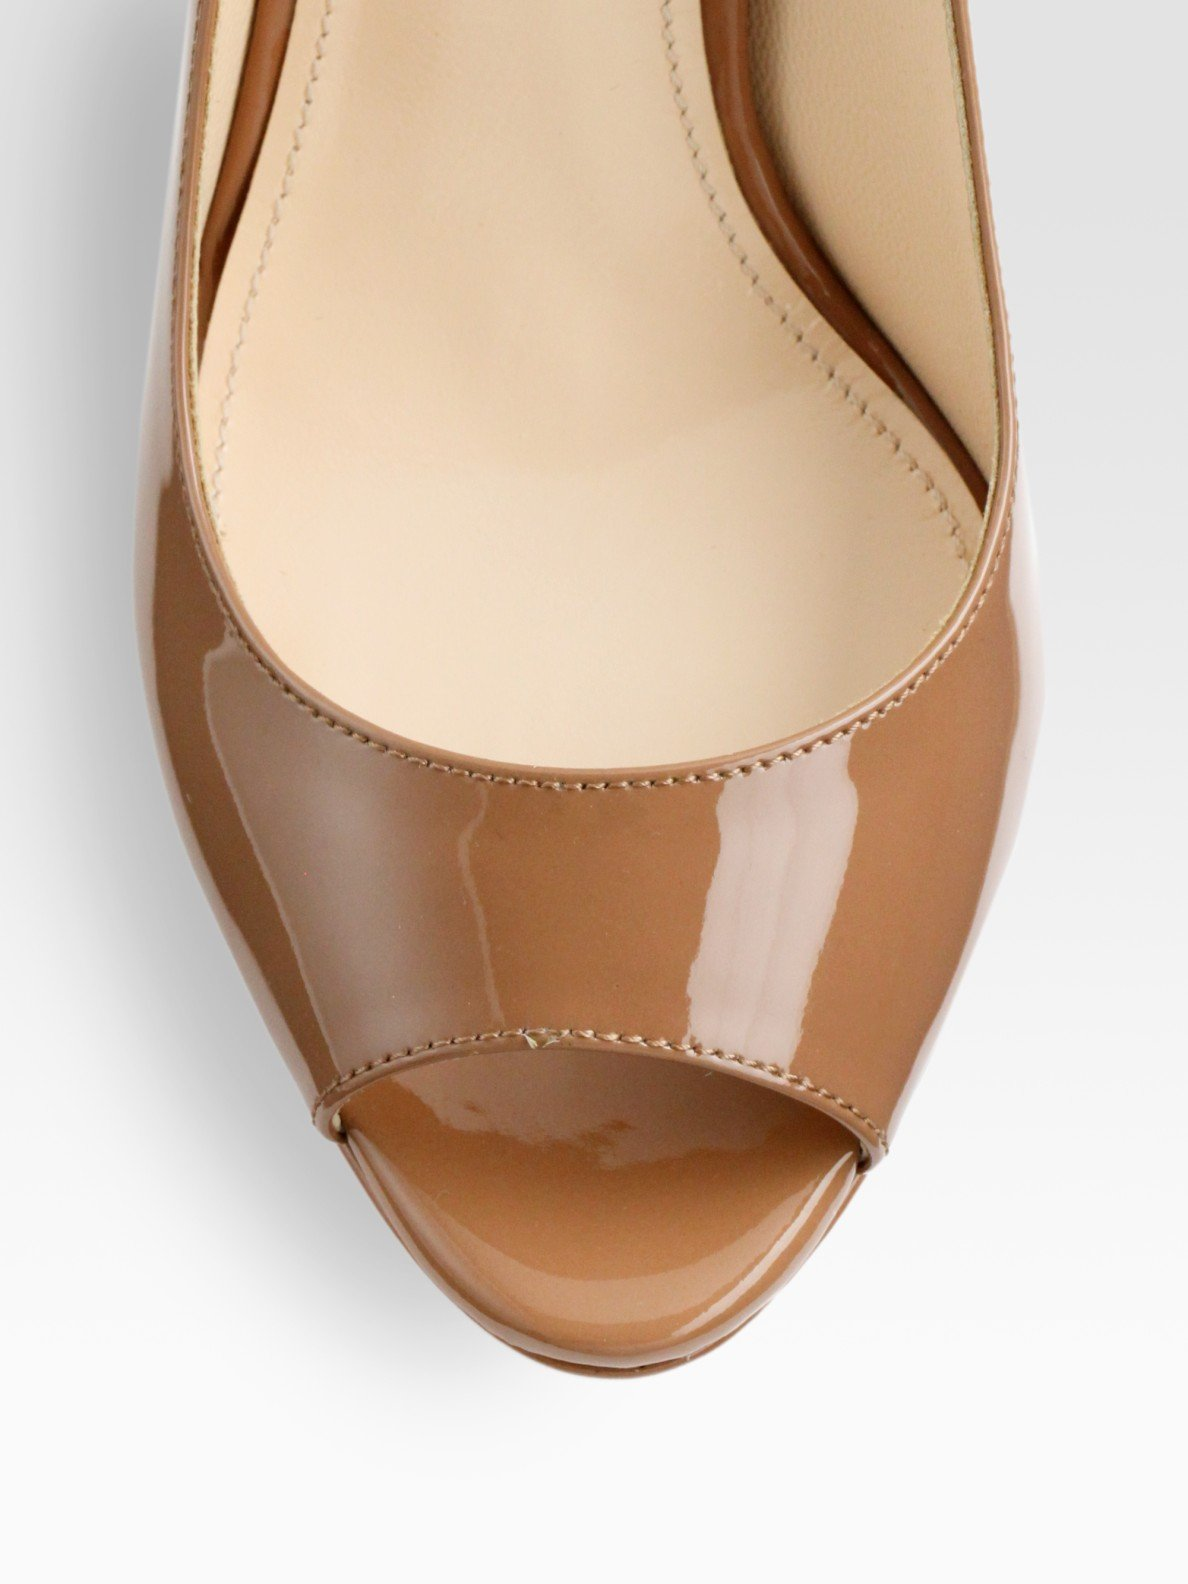 Jones Patent Leather Shoes Women Mid Heel